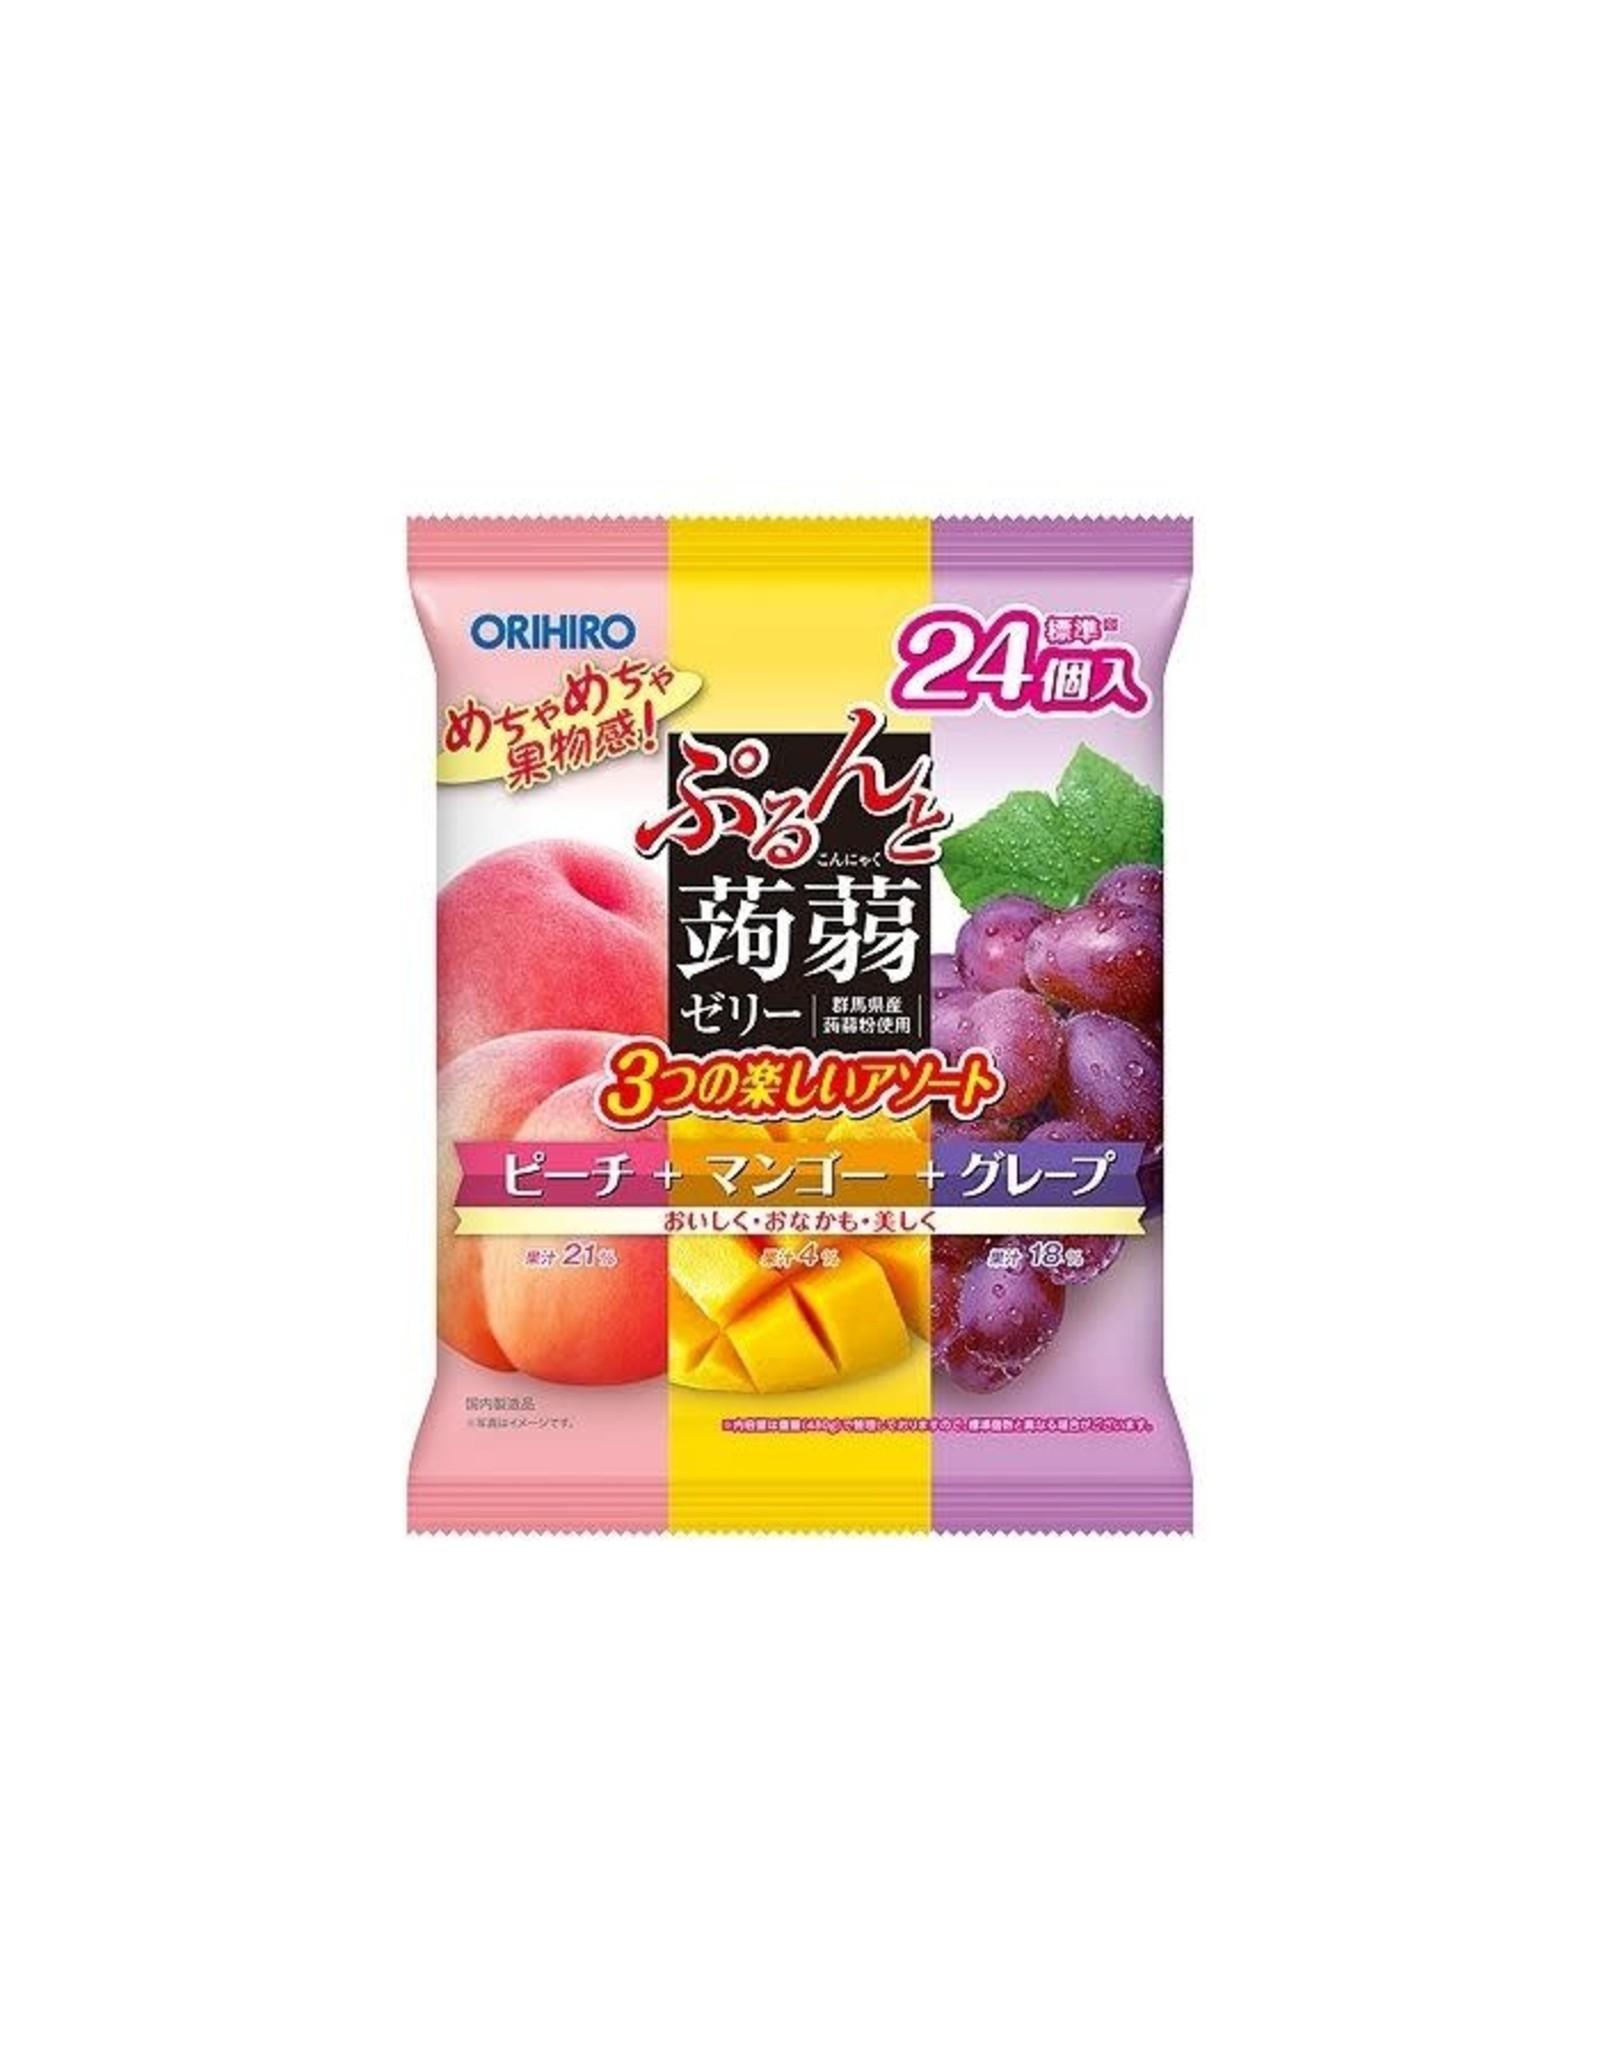 Orihiro Orihiro Jelly White Peach + Mango + Grape